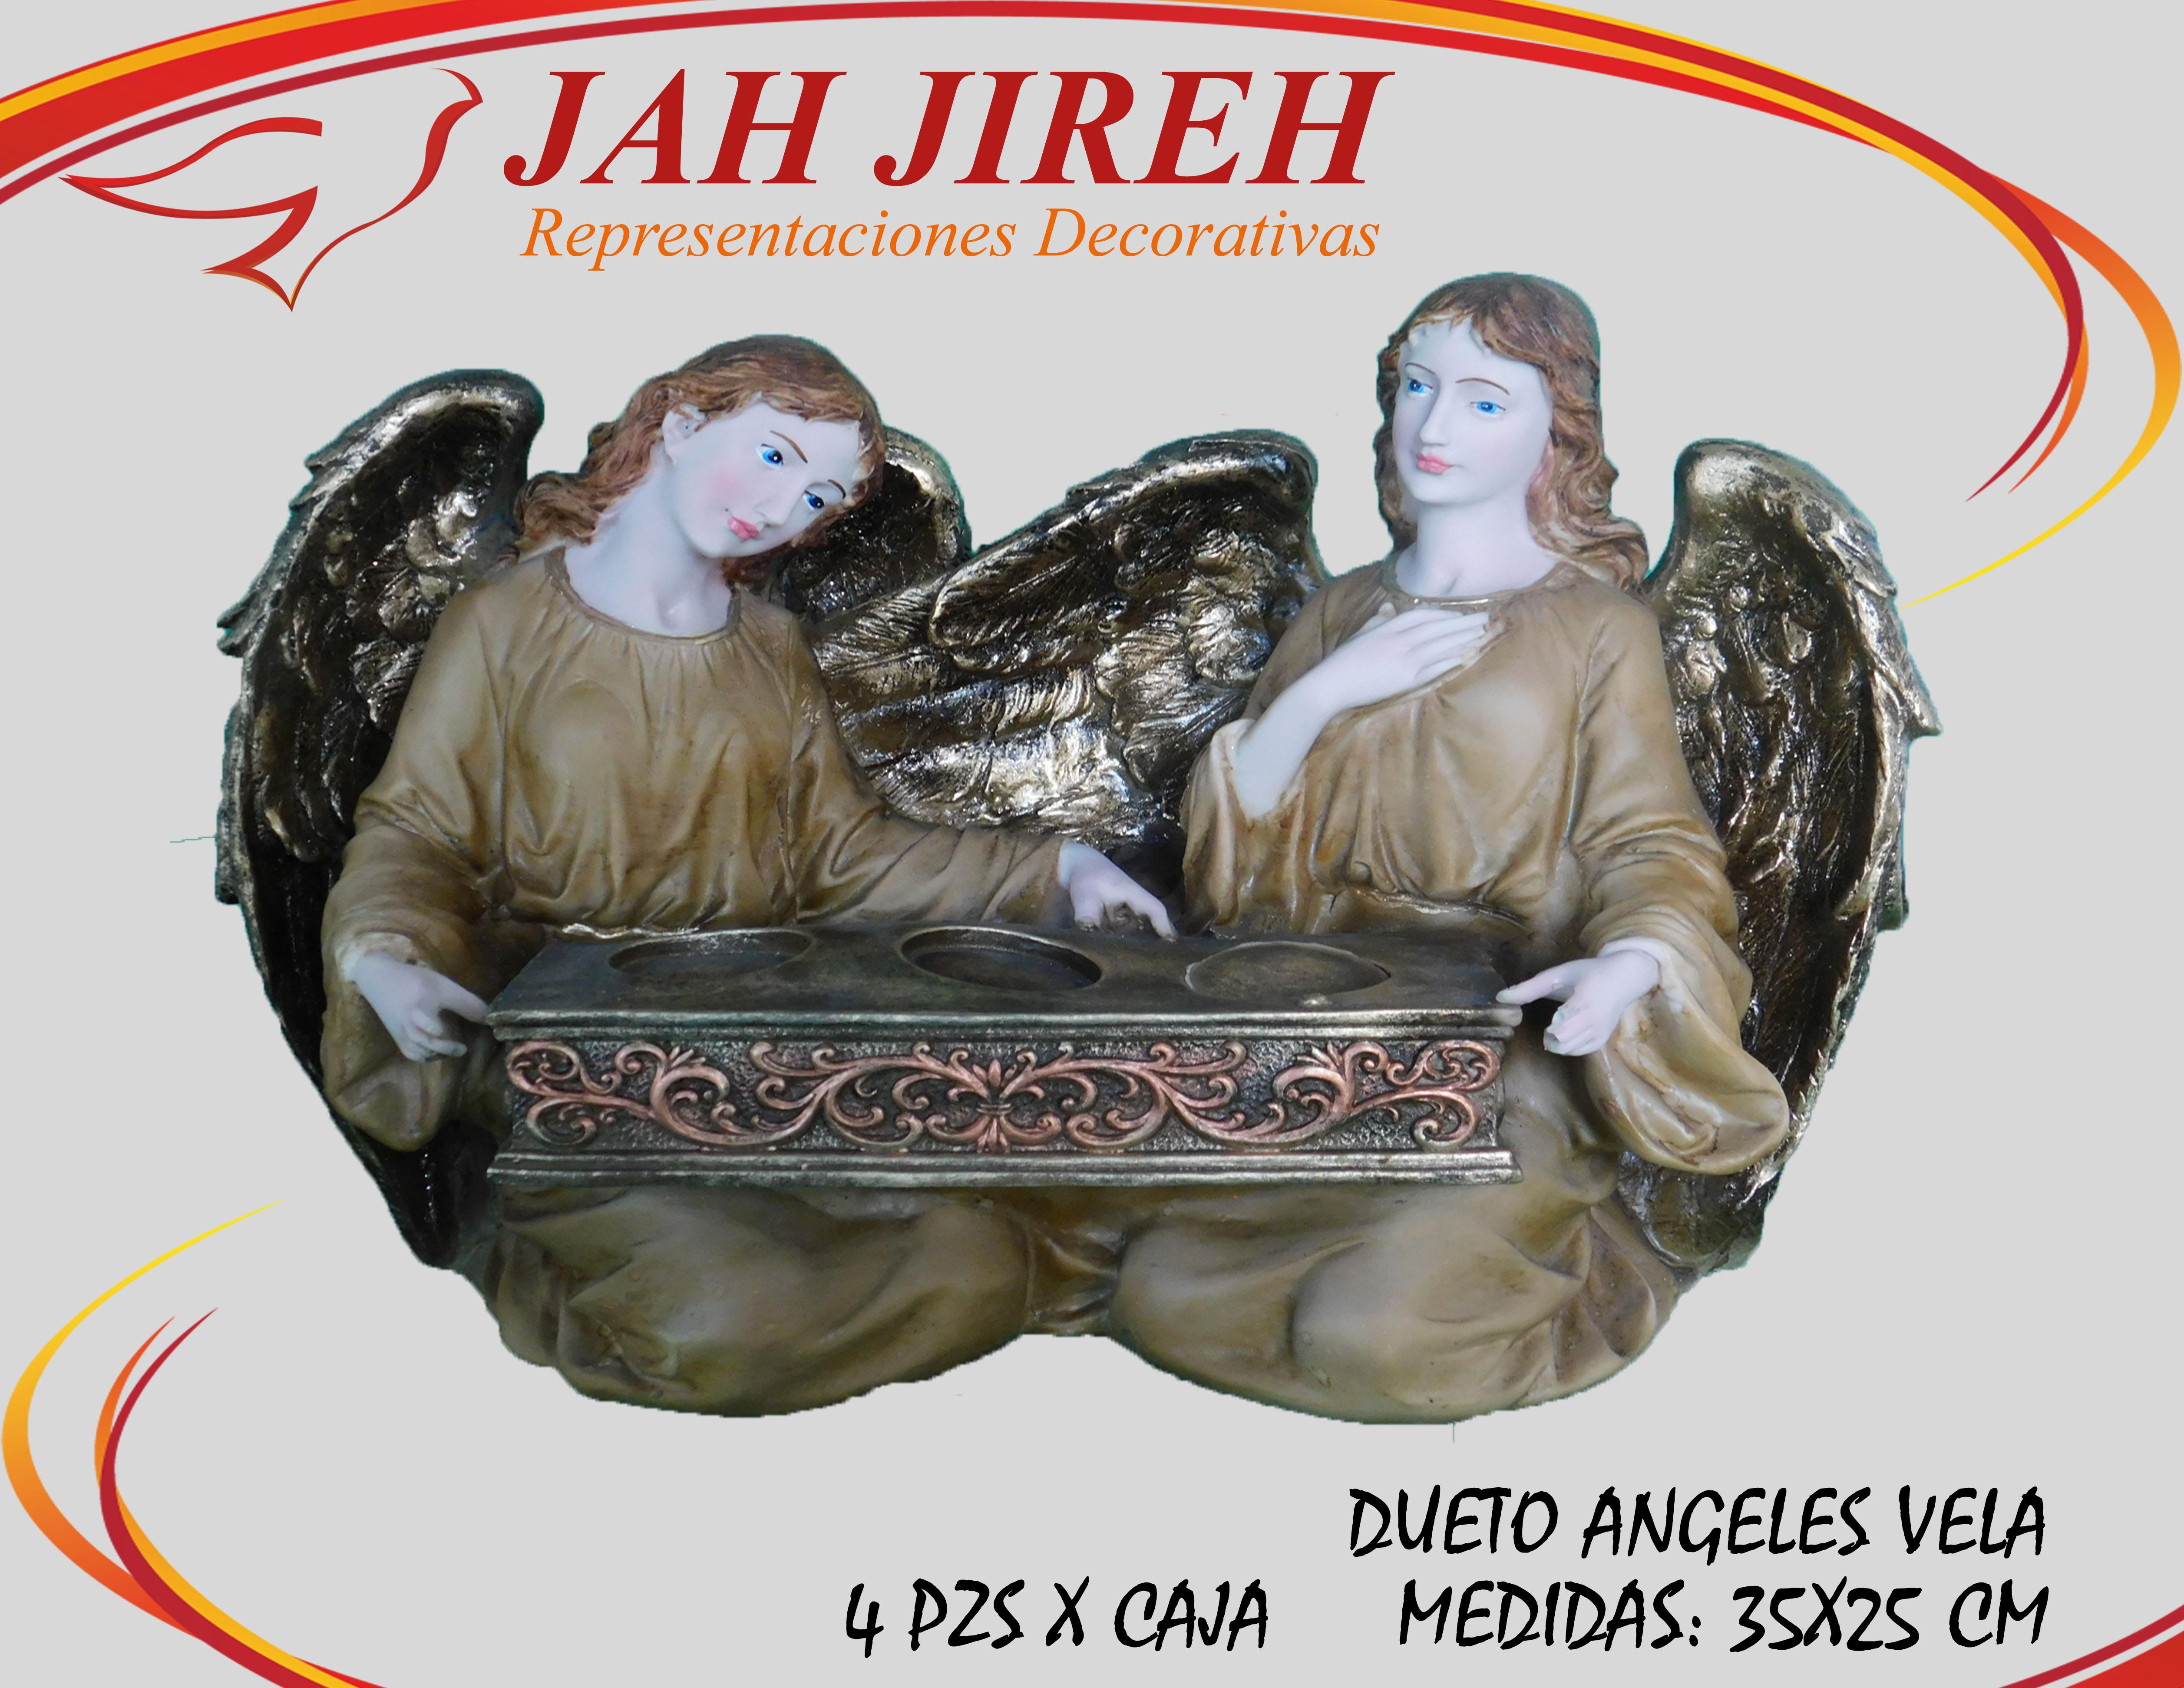 https://0201.nccdn.net/1_2/000/000/12f/289/dueto-angeles-vela.jpg